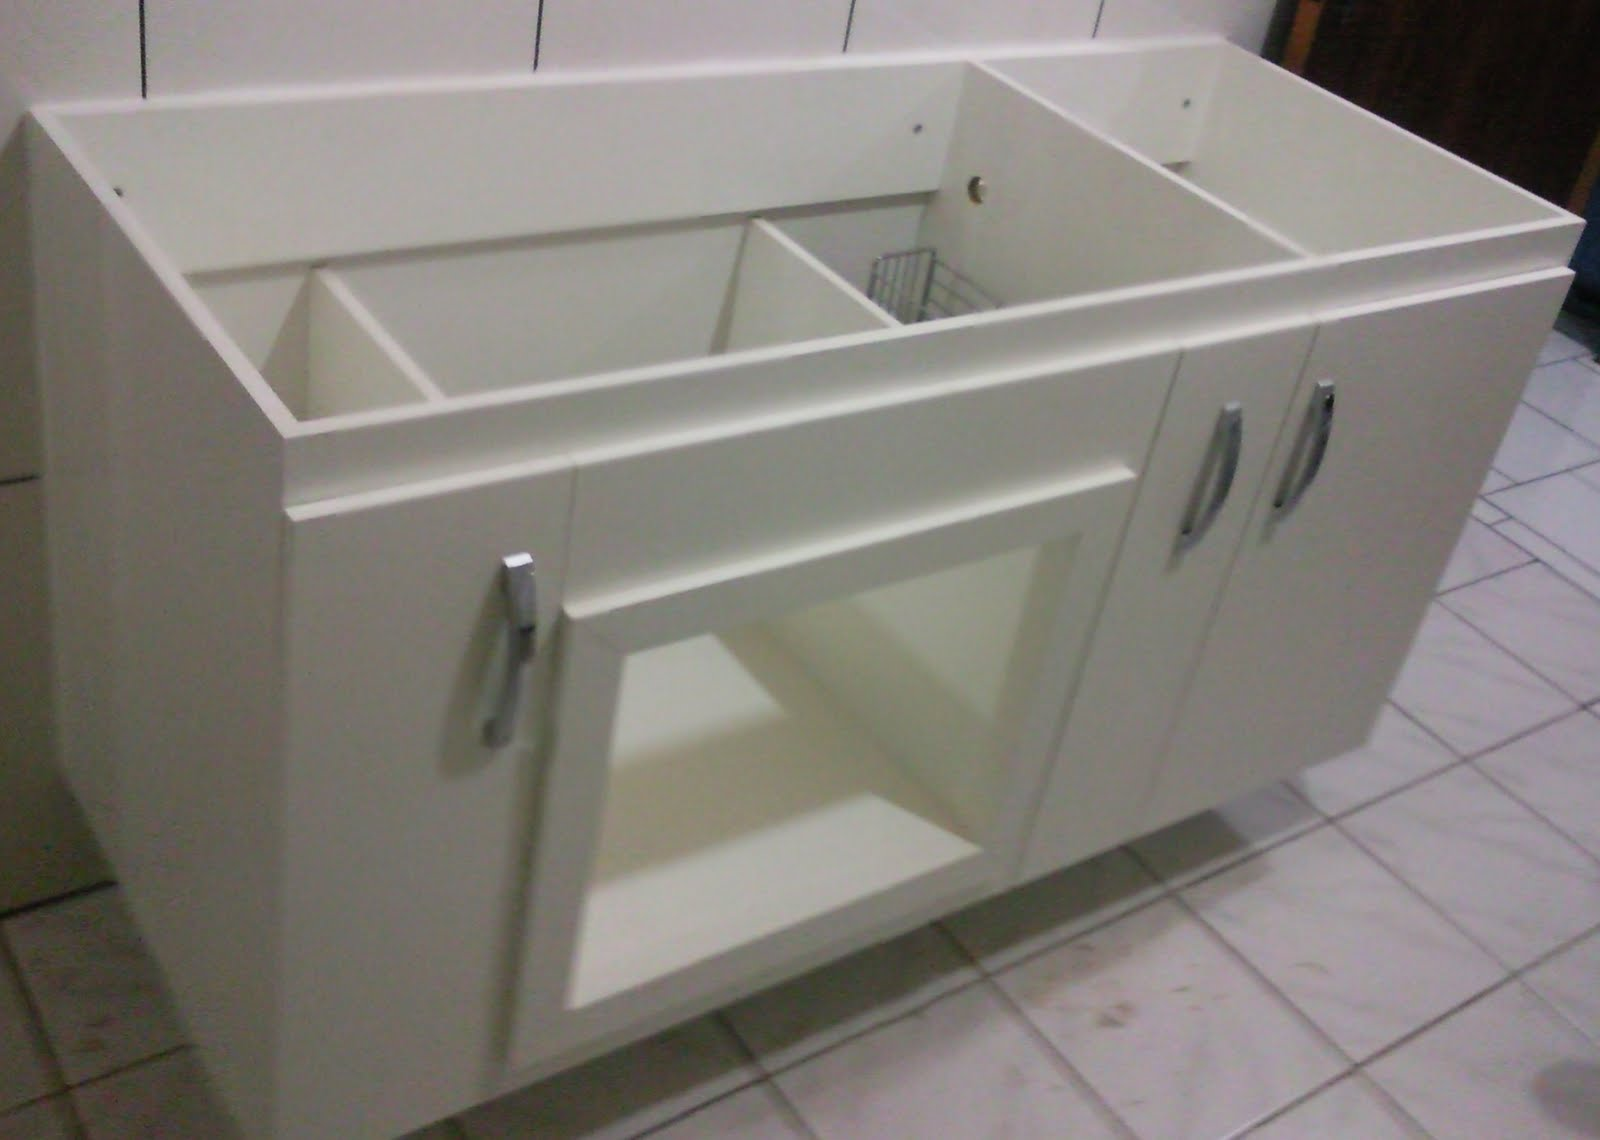 TX 15 e 18 mm (55 x 140 x 70)cm para fogão cooktop, forno embutido e